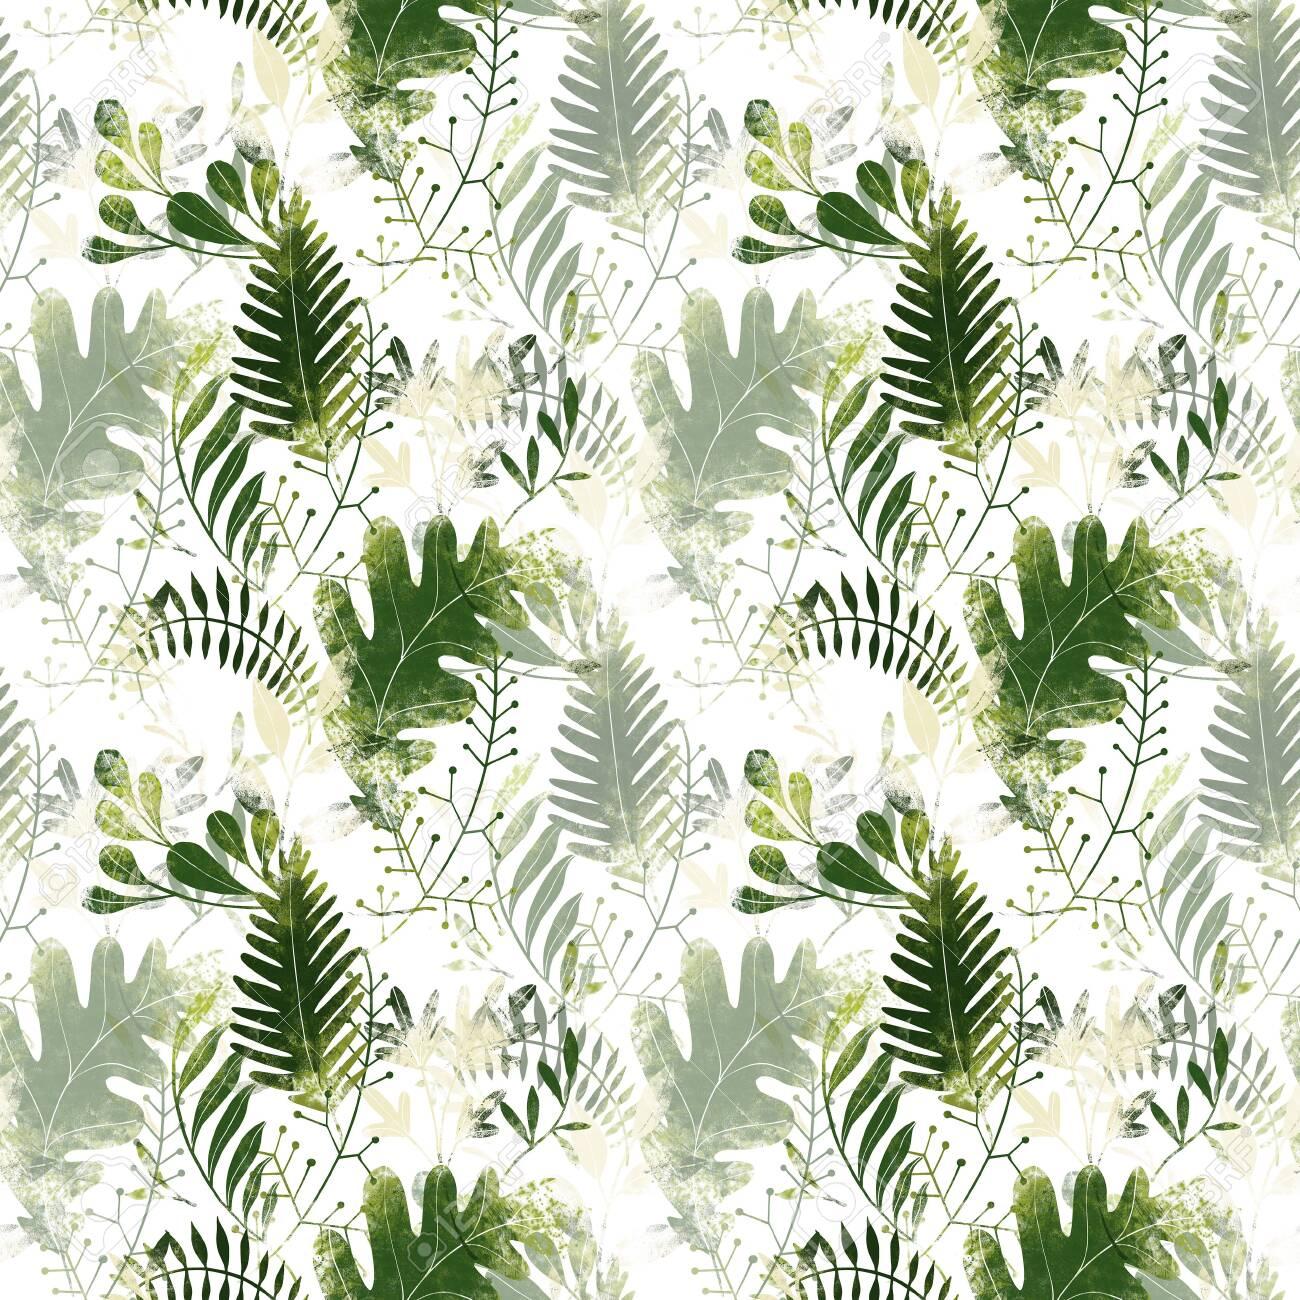 Green plants pattern. Leaves, brunshes and plants. Fullsize raster artwork - 132391880